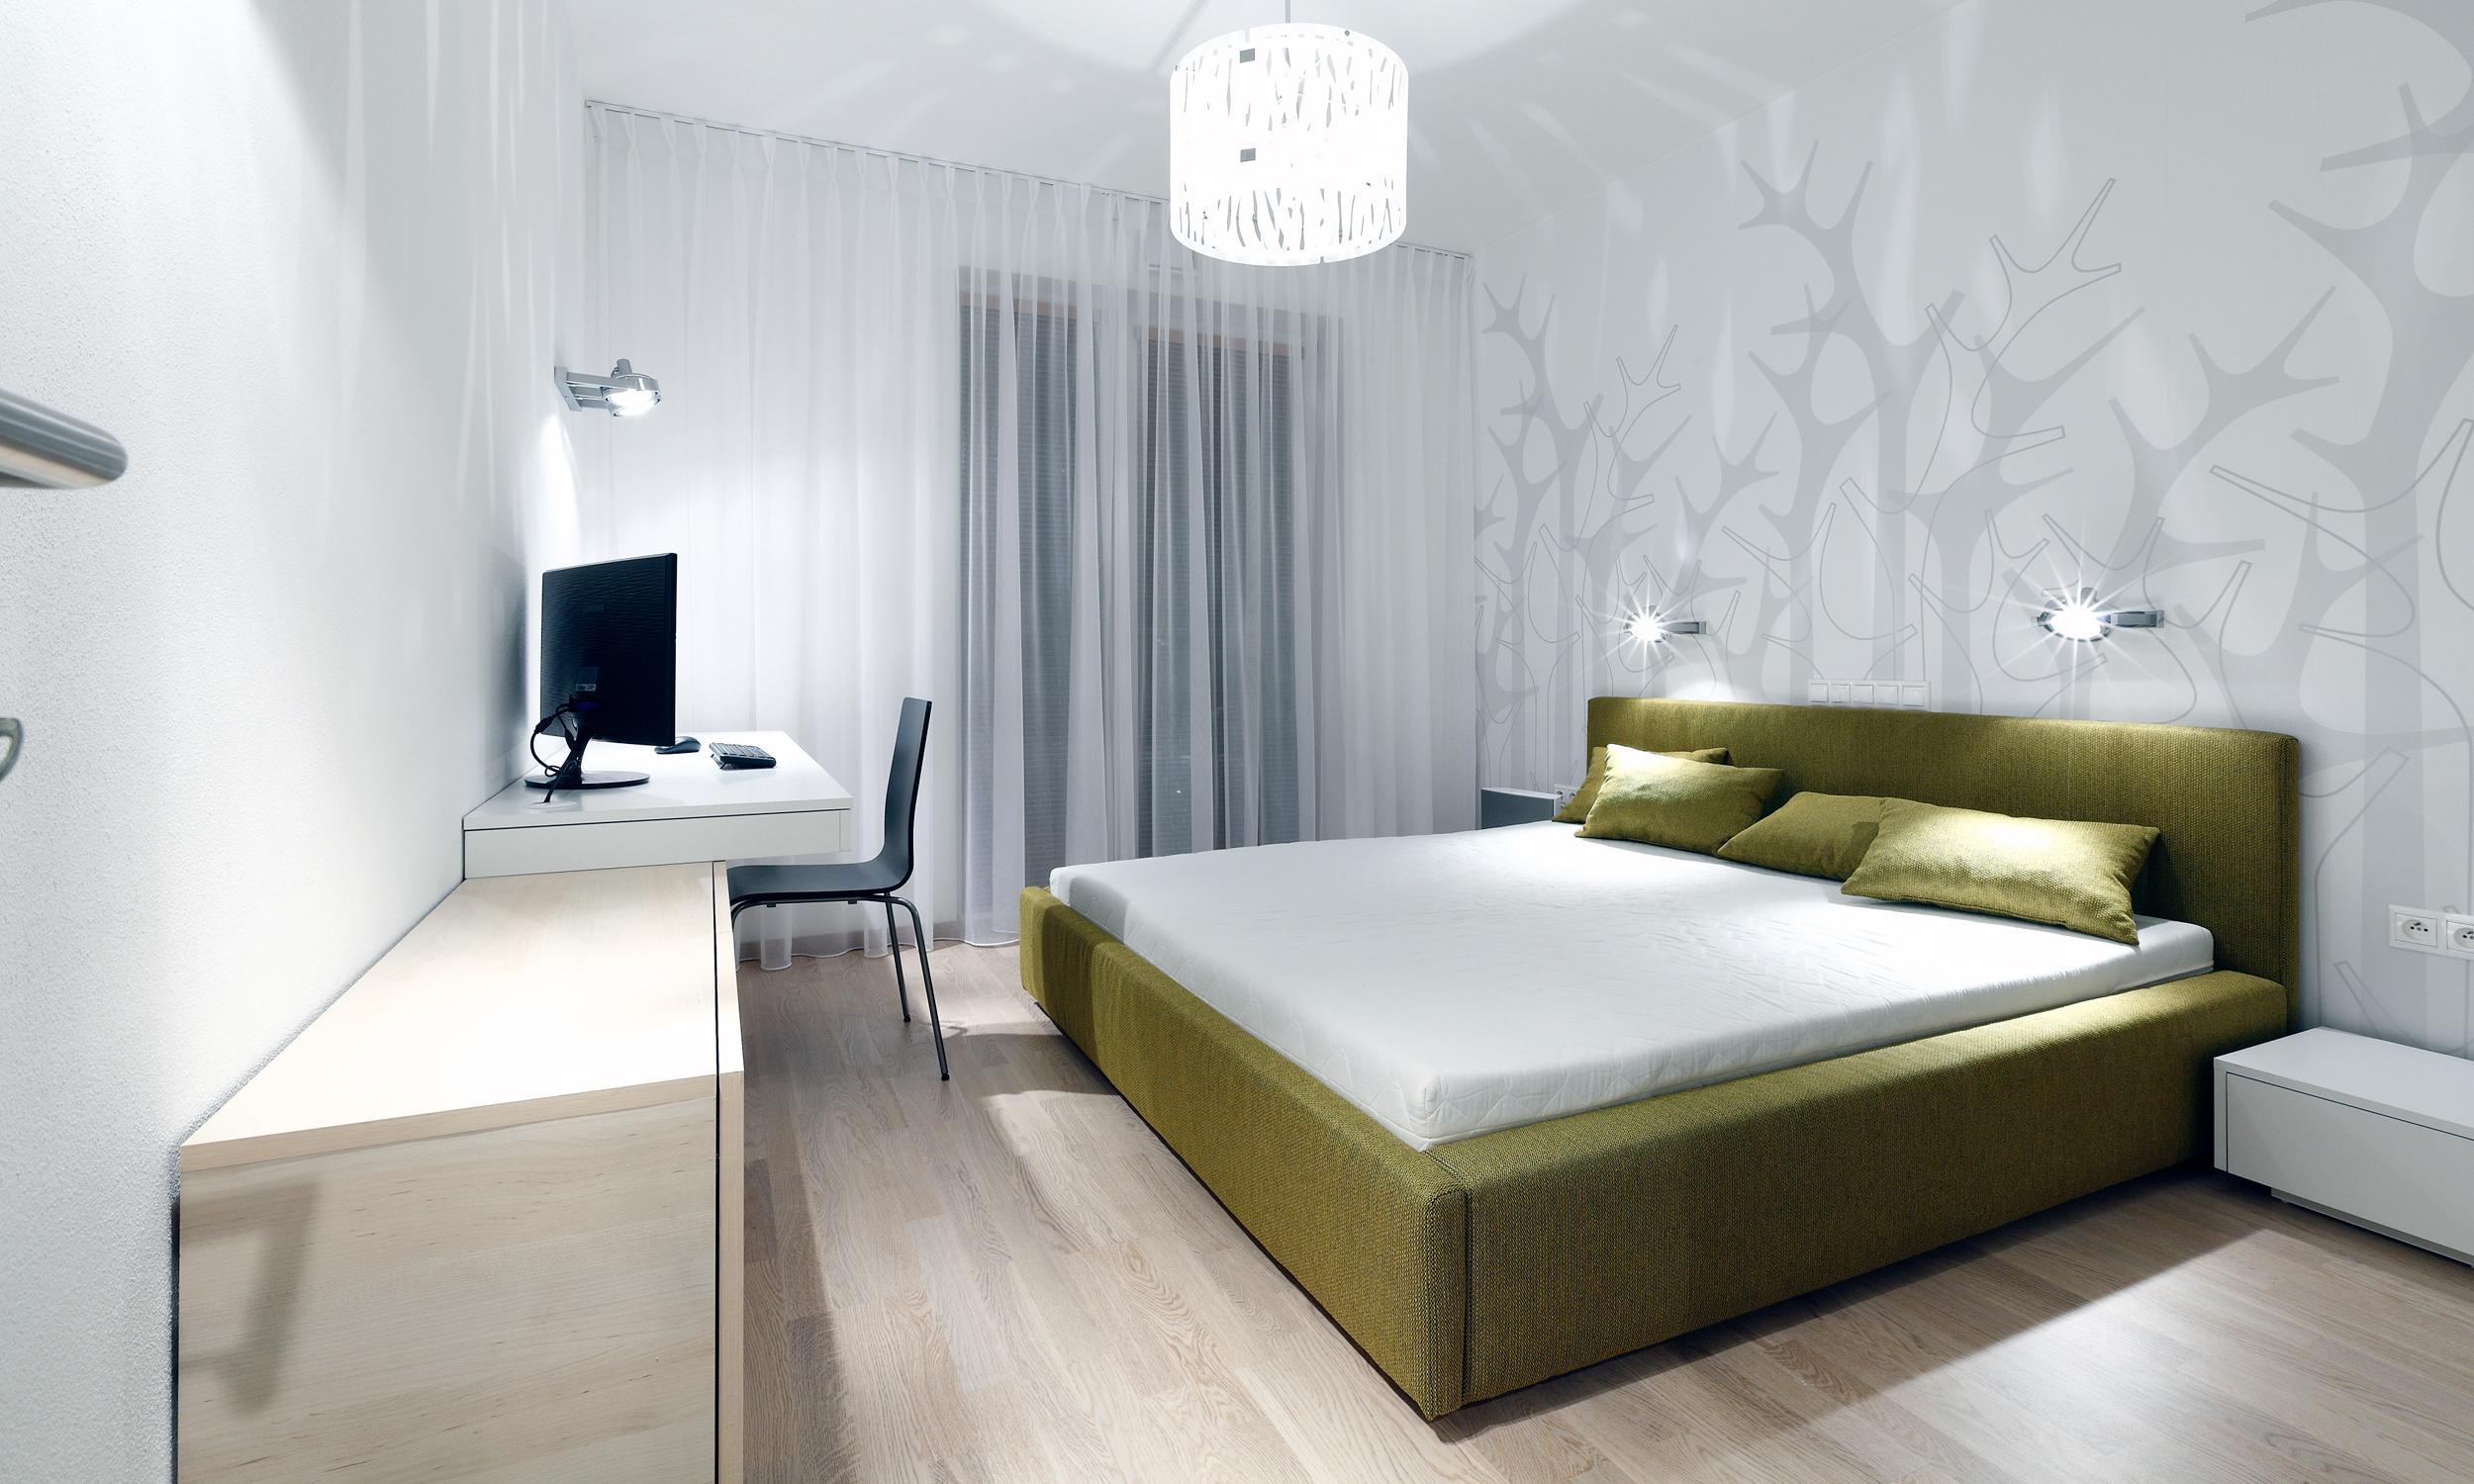 kleine wohnzimmer optimal einrichten. Black Bedroom Furniture Sets. Home Design Ideas